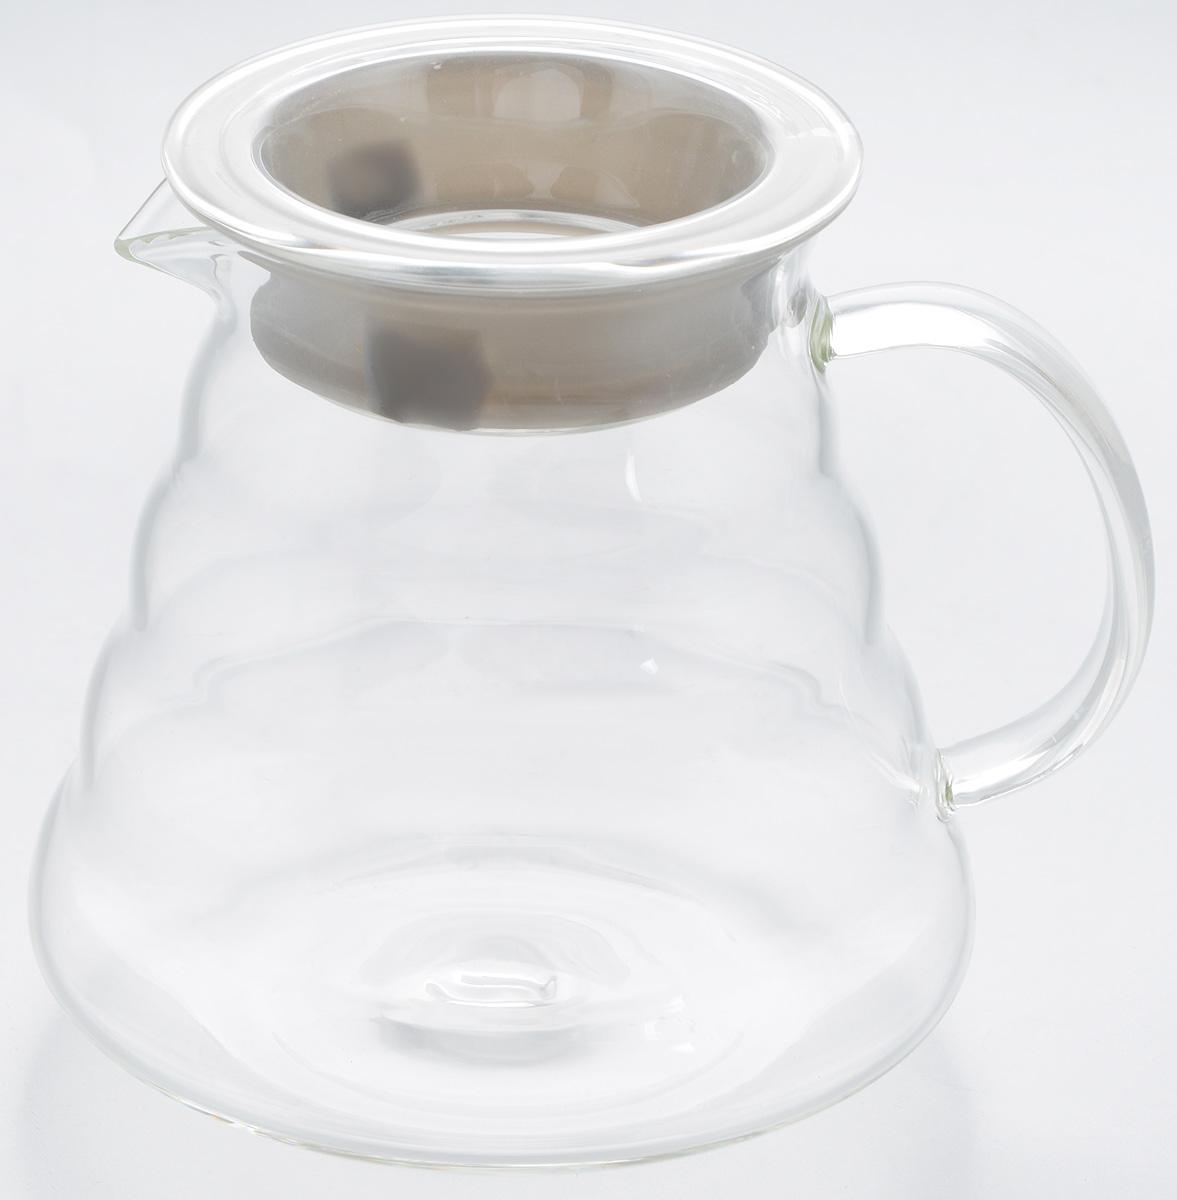 Чайник заварочный Hunan Provincial Тама, 500 мл15052Заварочный чайник Hunan Provincial Тама изготовлен из стекла. Пить чай из такого чайника сплошное удовольствие! Полностью прозрачная форма позволяет любоваться цветом своего любимого напитка. В этом чайнике не предусмотрена колба для заваривания чая. Крышка надежно крепится с помощью силиконовой вставки, и не может выпасть даже если чайник перевернуть кверху дном. Именно поэтому данный чайник является лучшей сервировочной посудой для связанного чая и фруктово-ягодных настоев. Диаметр чайника (по верхнему краю): 7,5 см.Высота чайника (без учета крышки): 11 см.Высота чайника (с учетом крышки): 11,5 см.